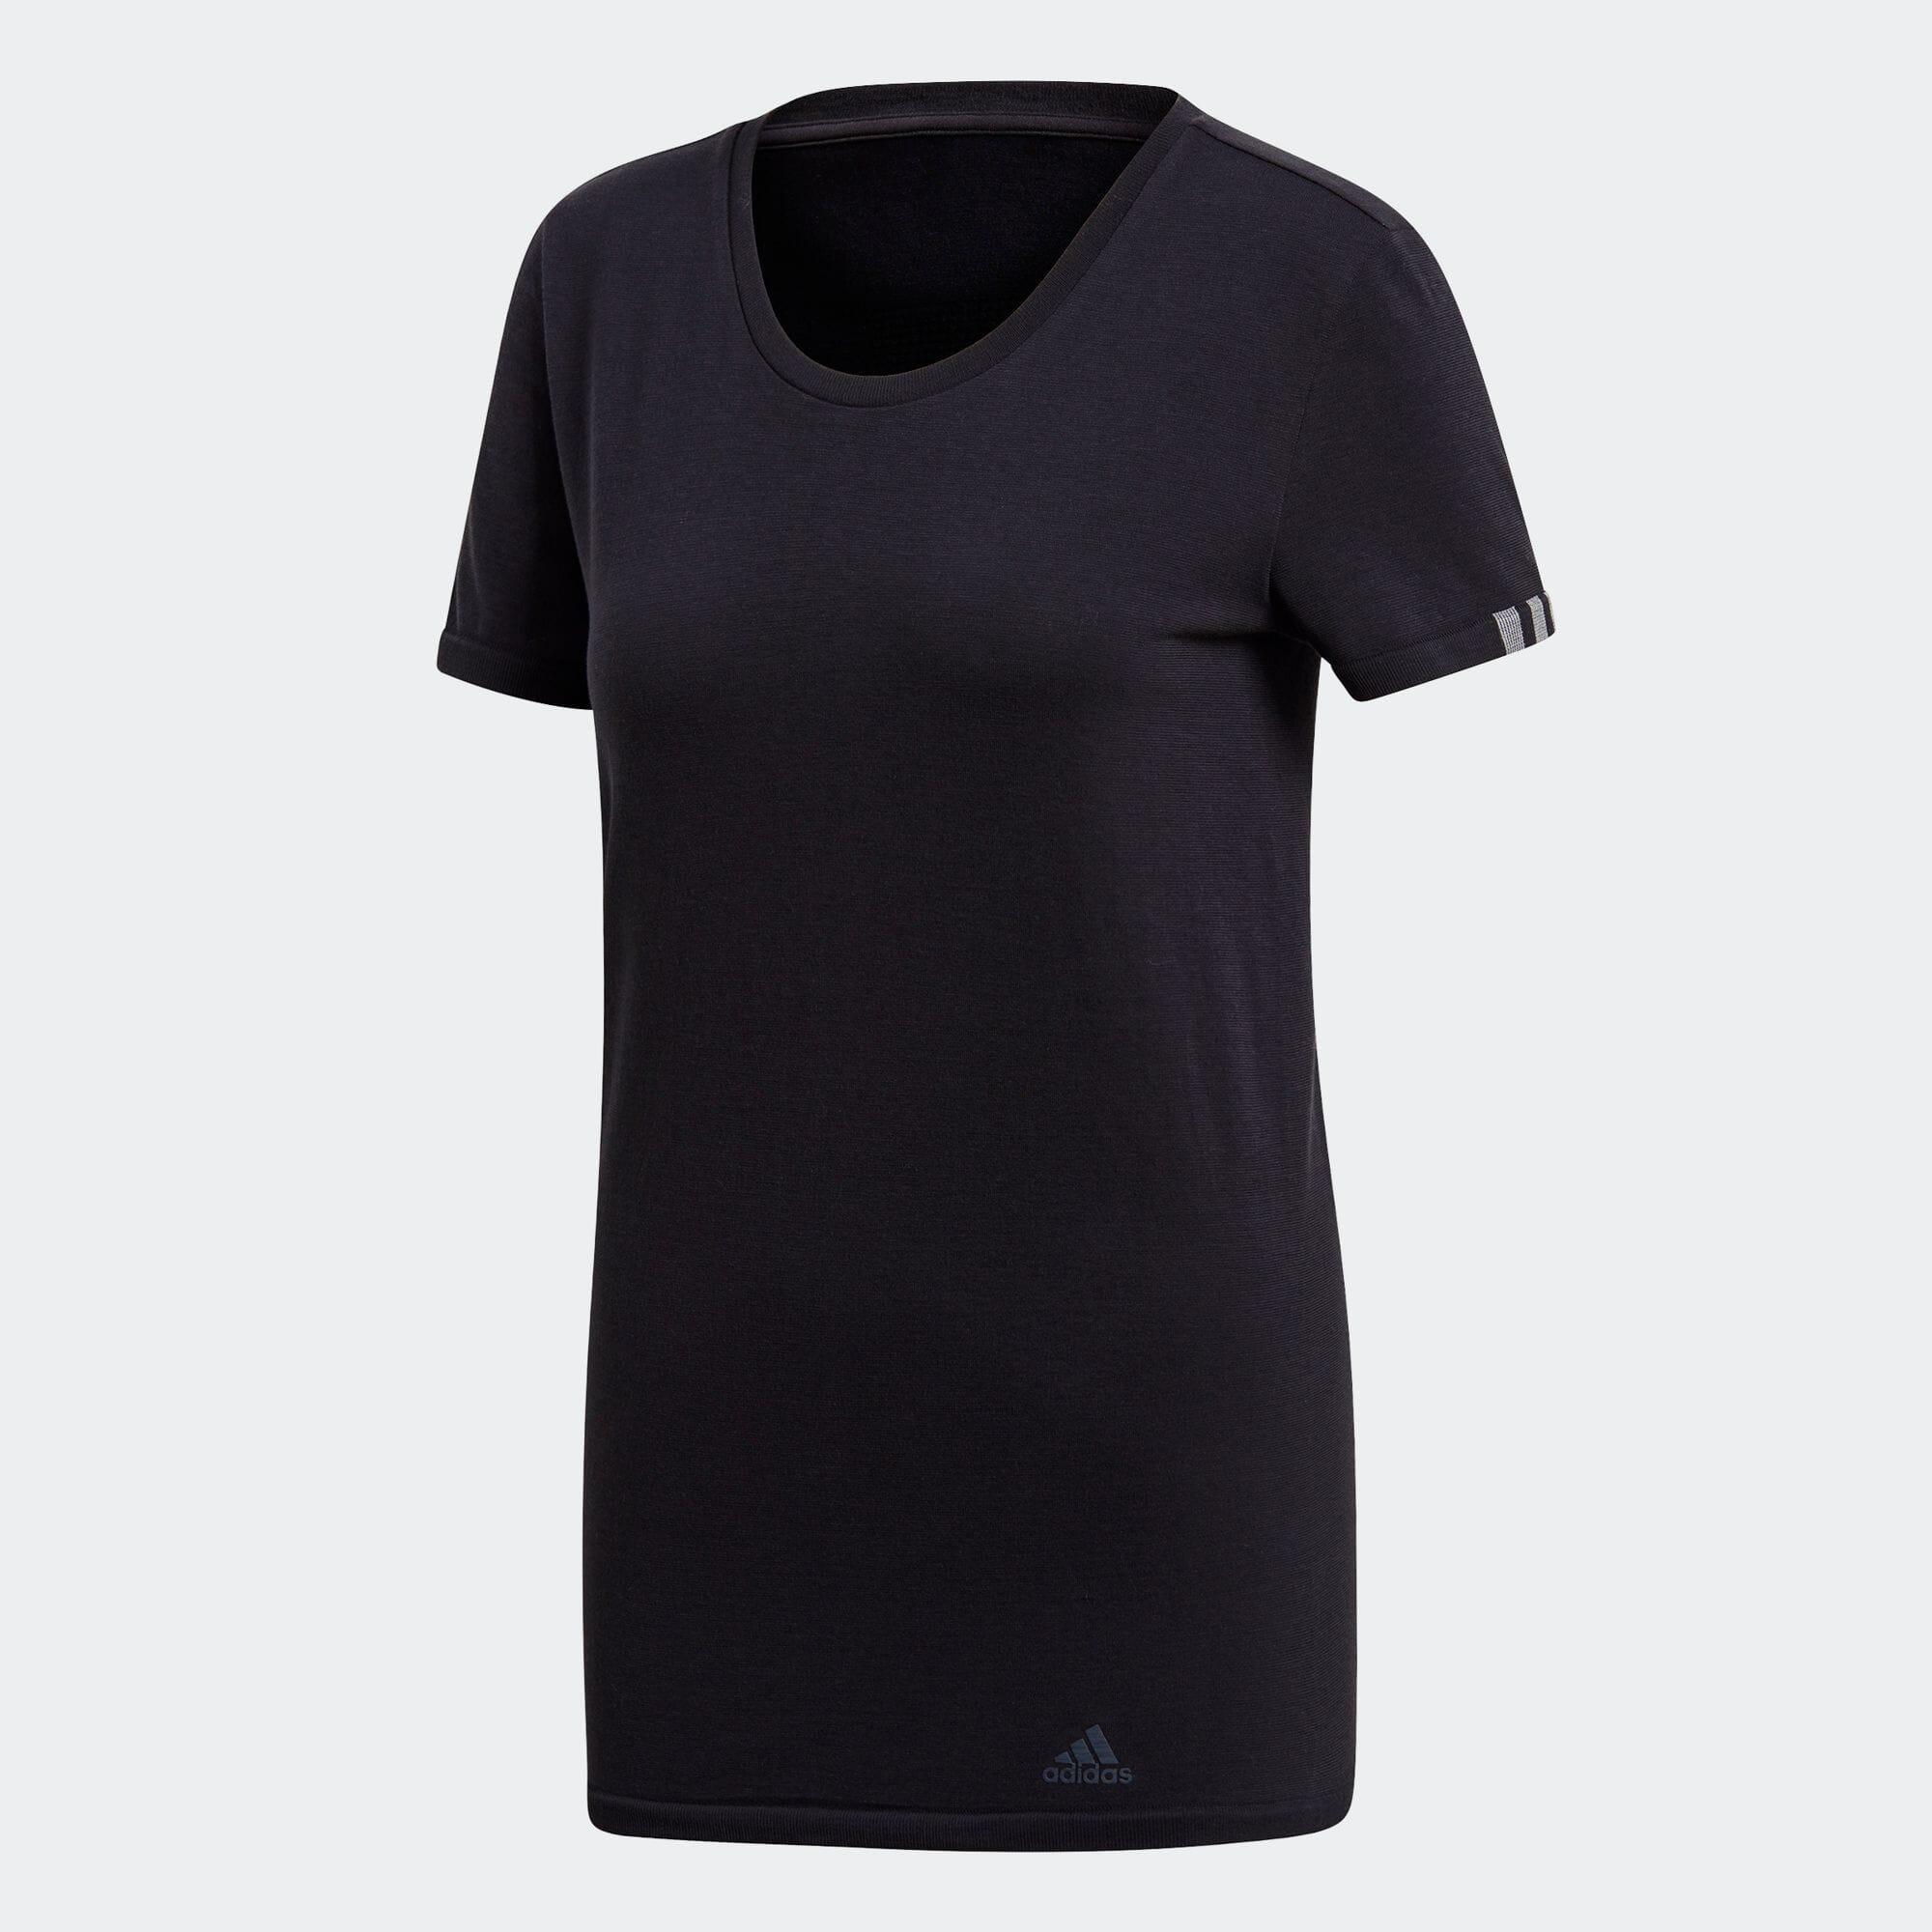 25TH HR Tシャツ